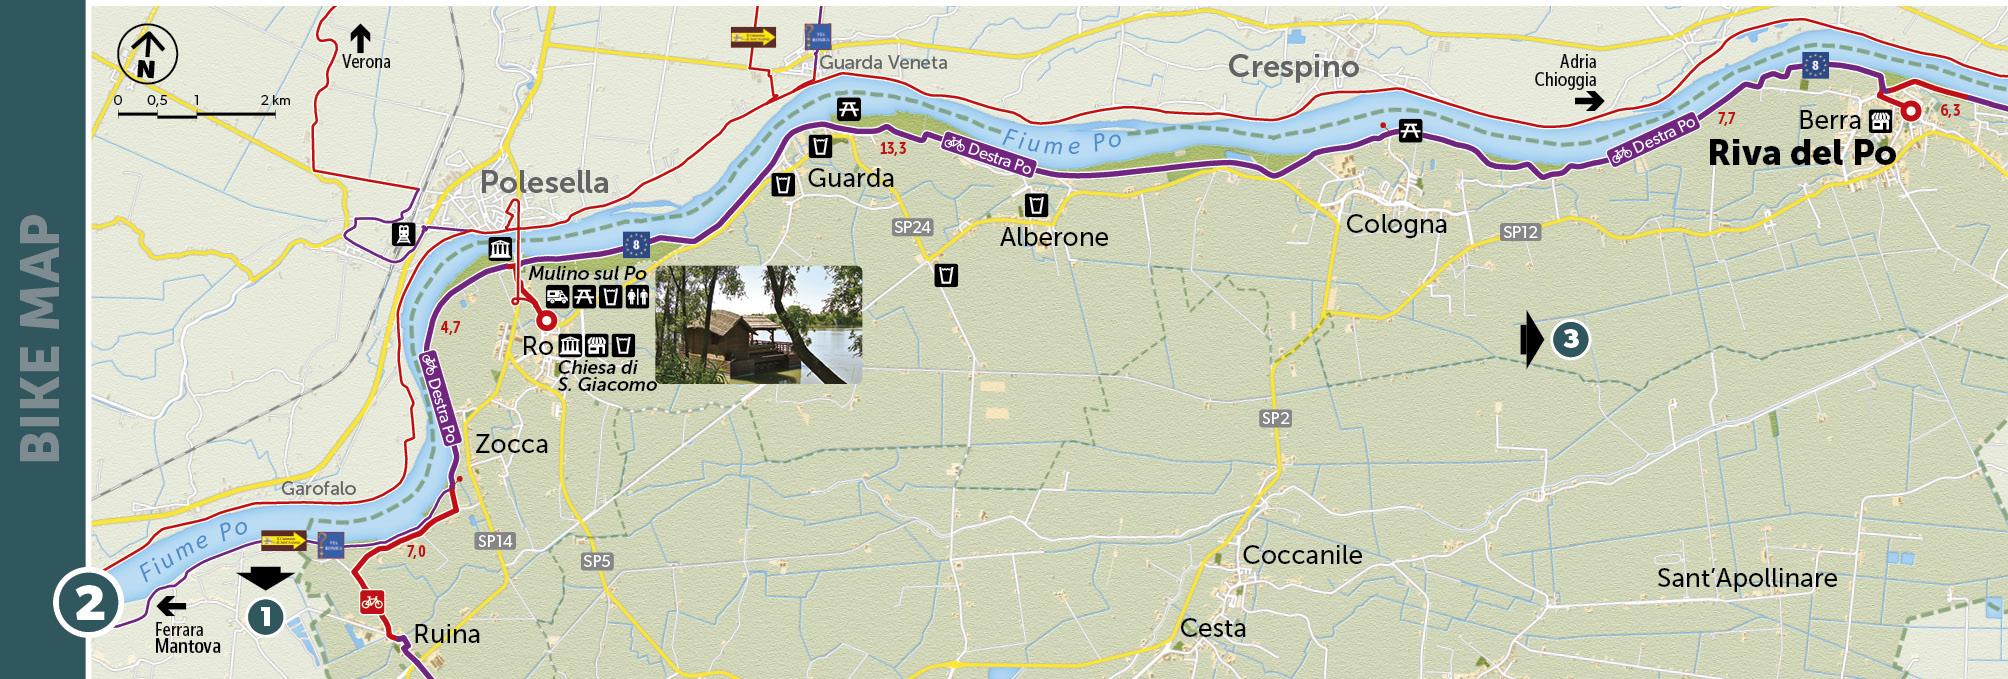 Bike Map3